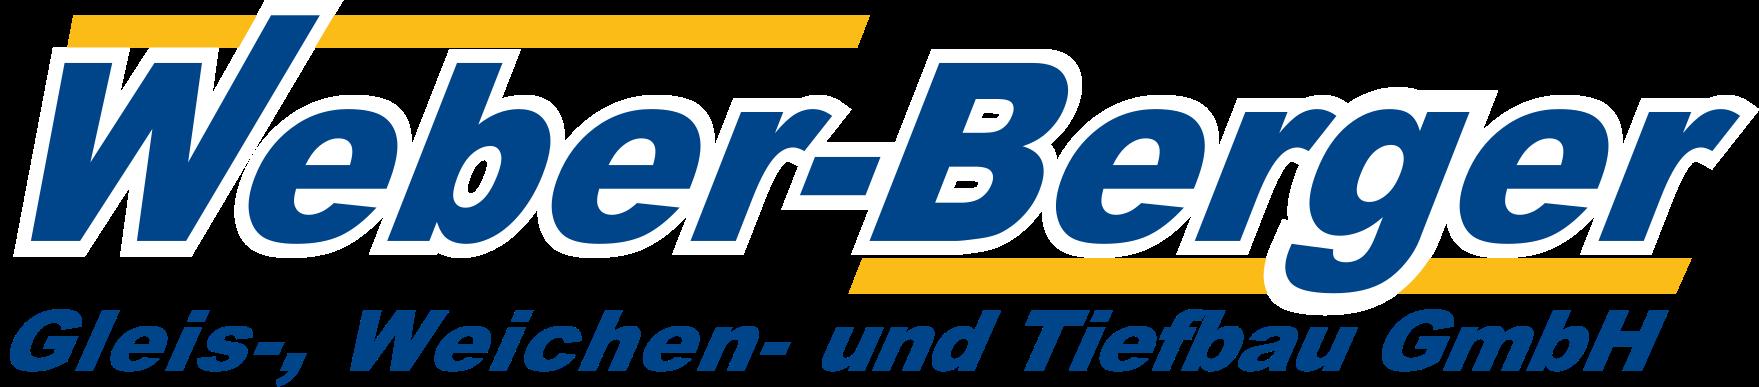 Weber-Berger Gleis-, Weichen- und Tiefbau GmbH